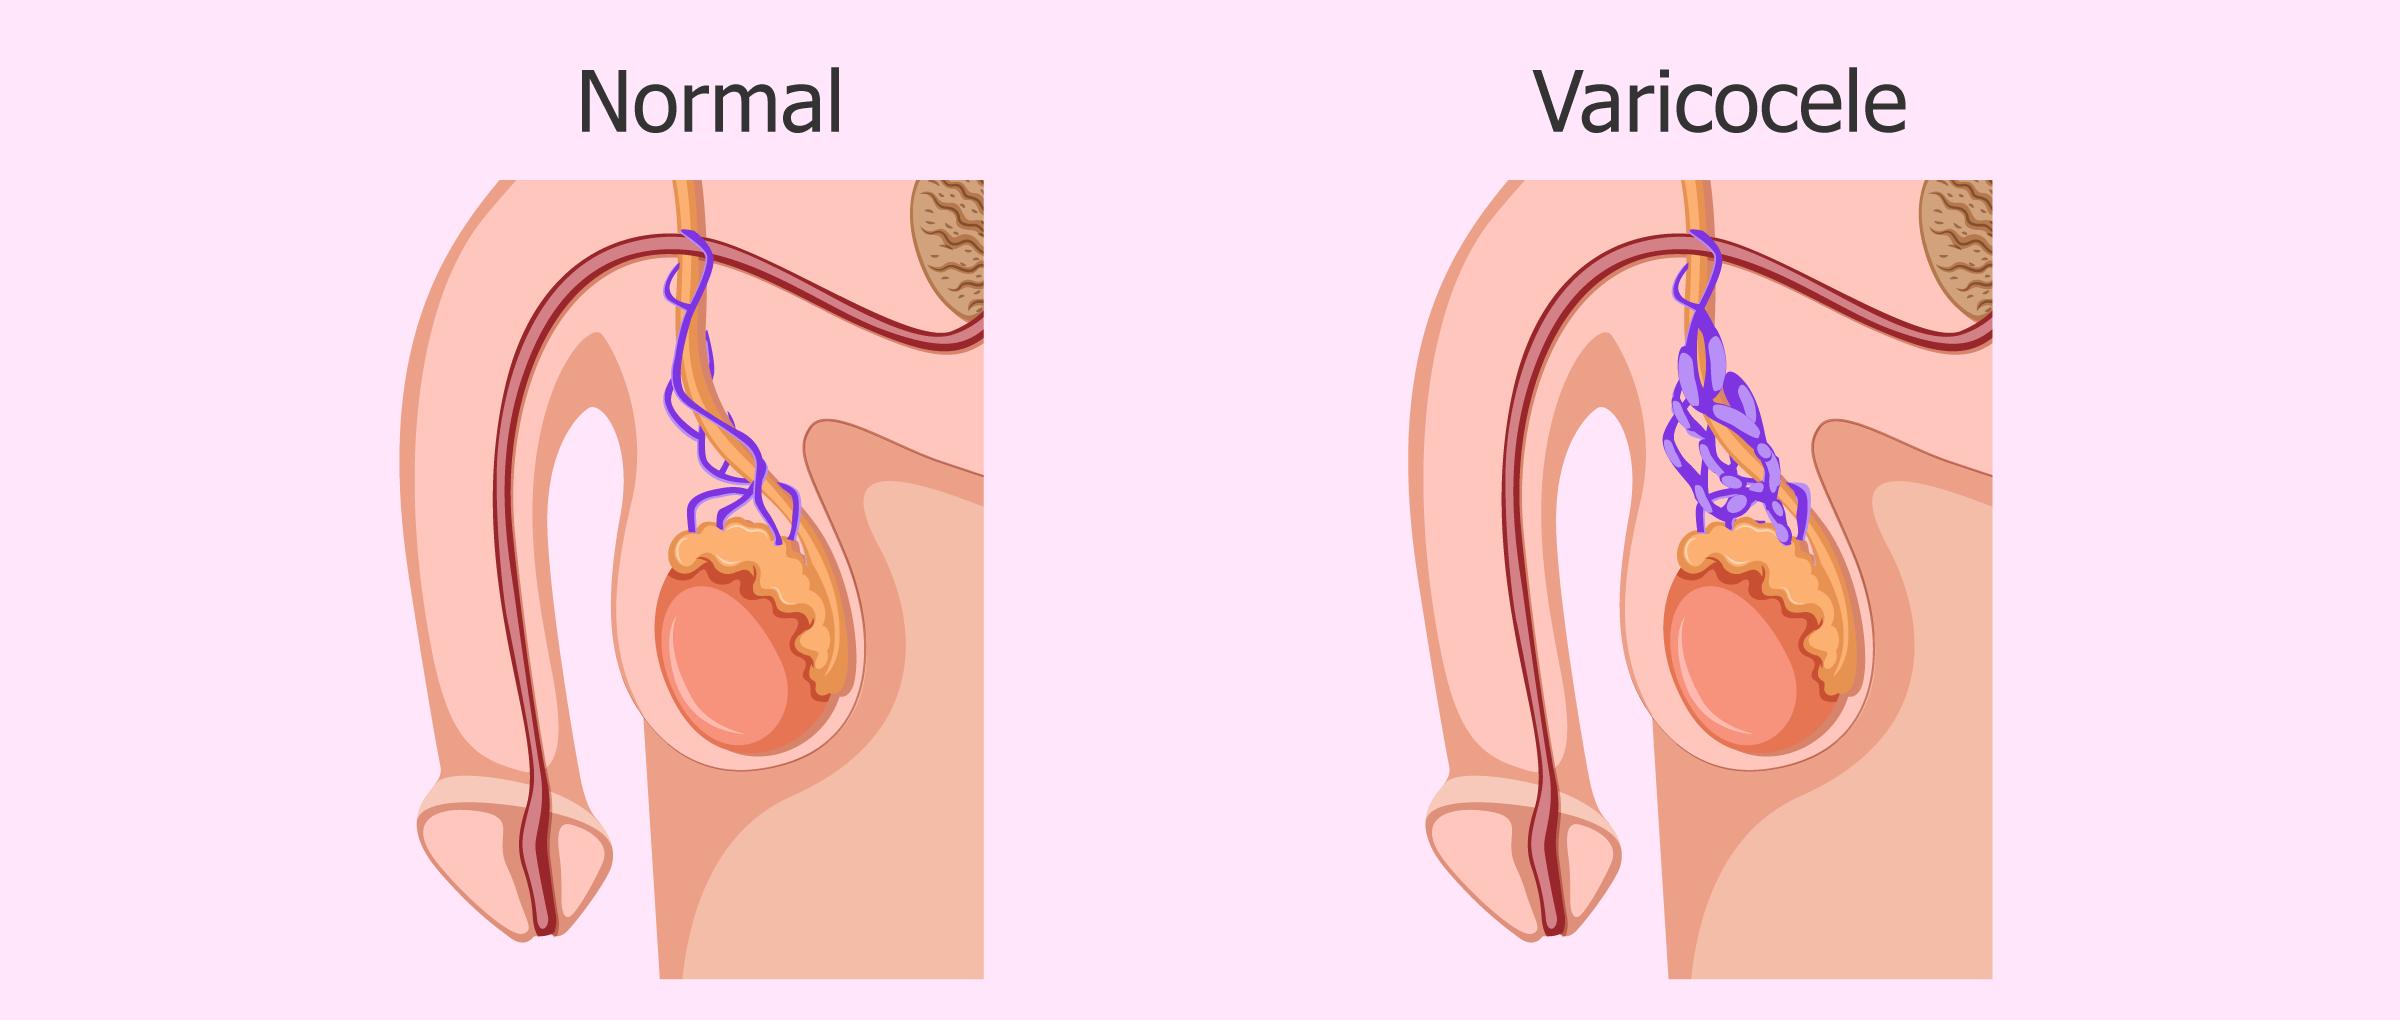 Cómo afecta el varicocele la fertilidad masculina? - Grupo Bengio